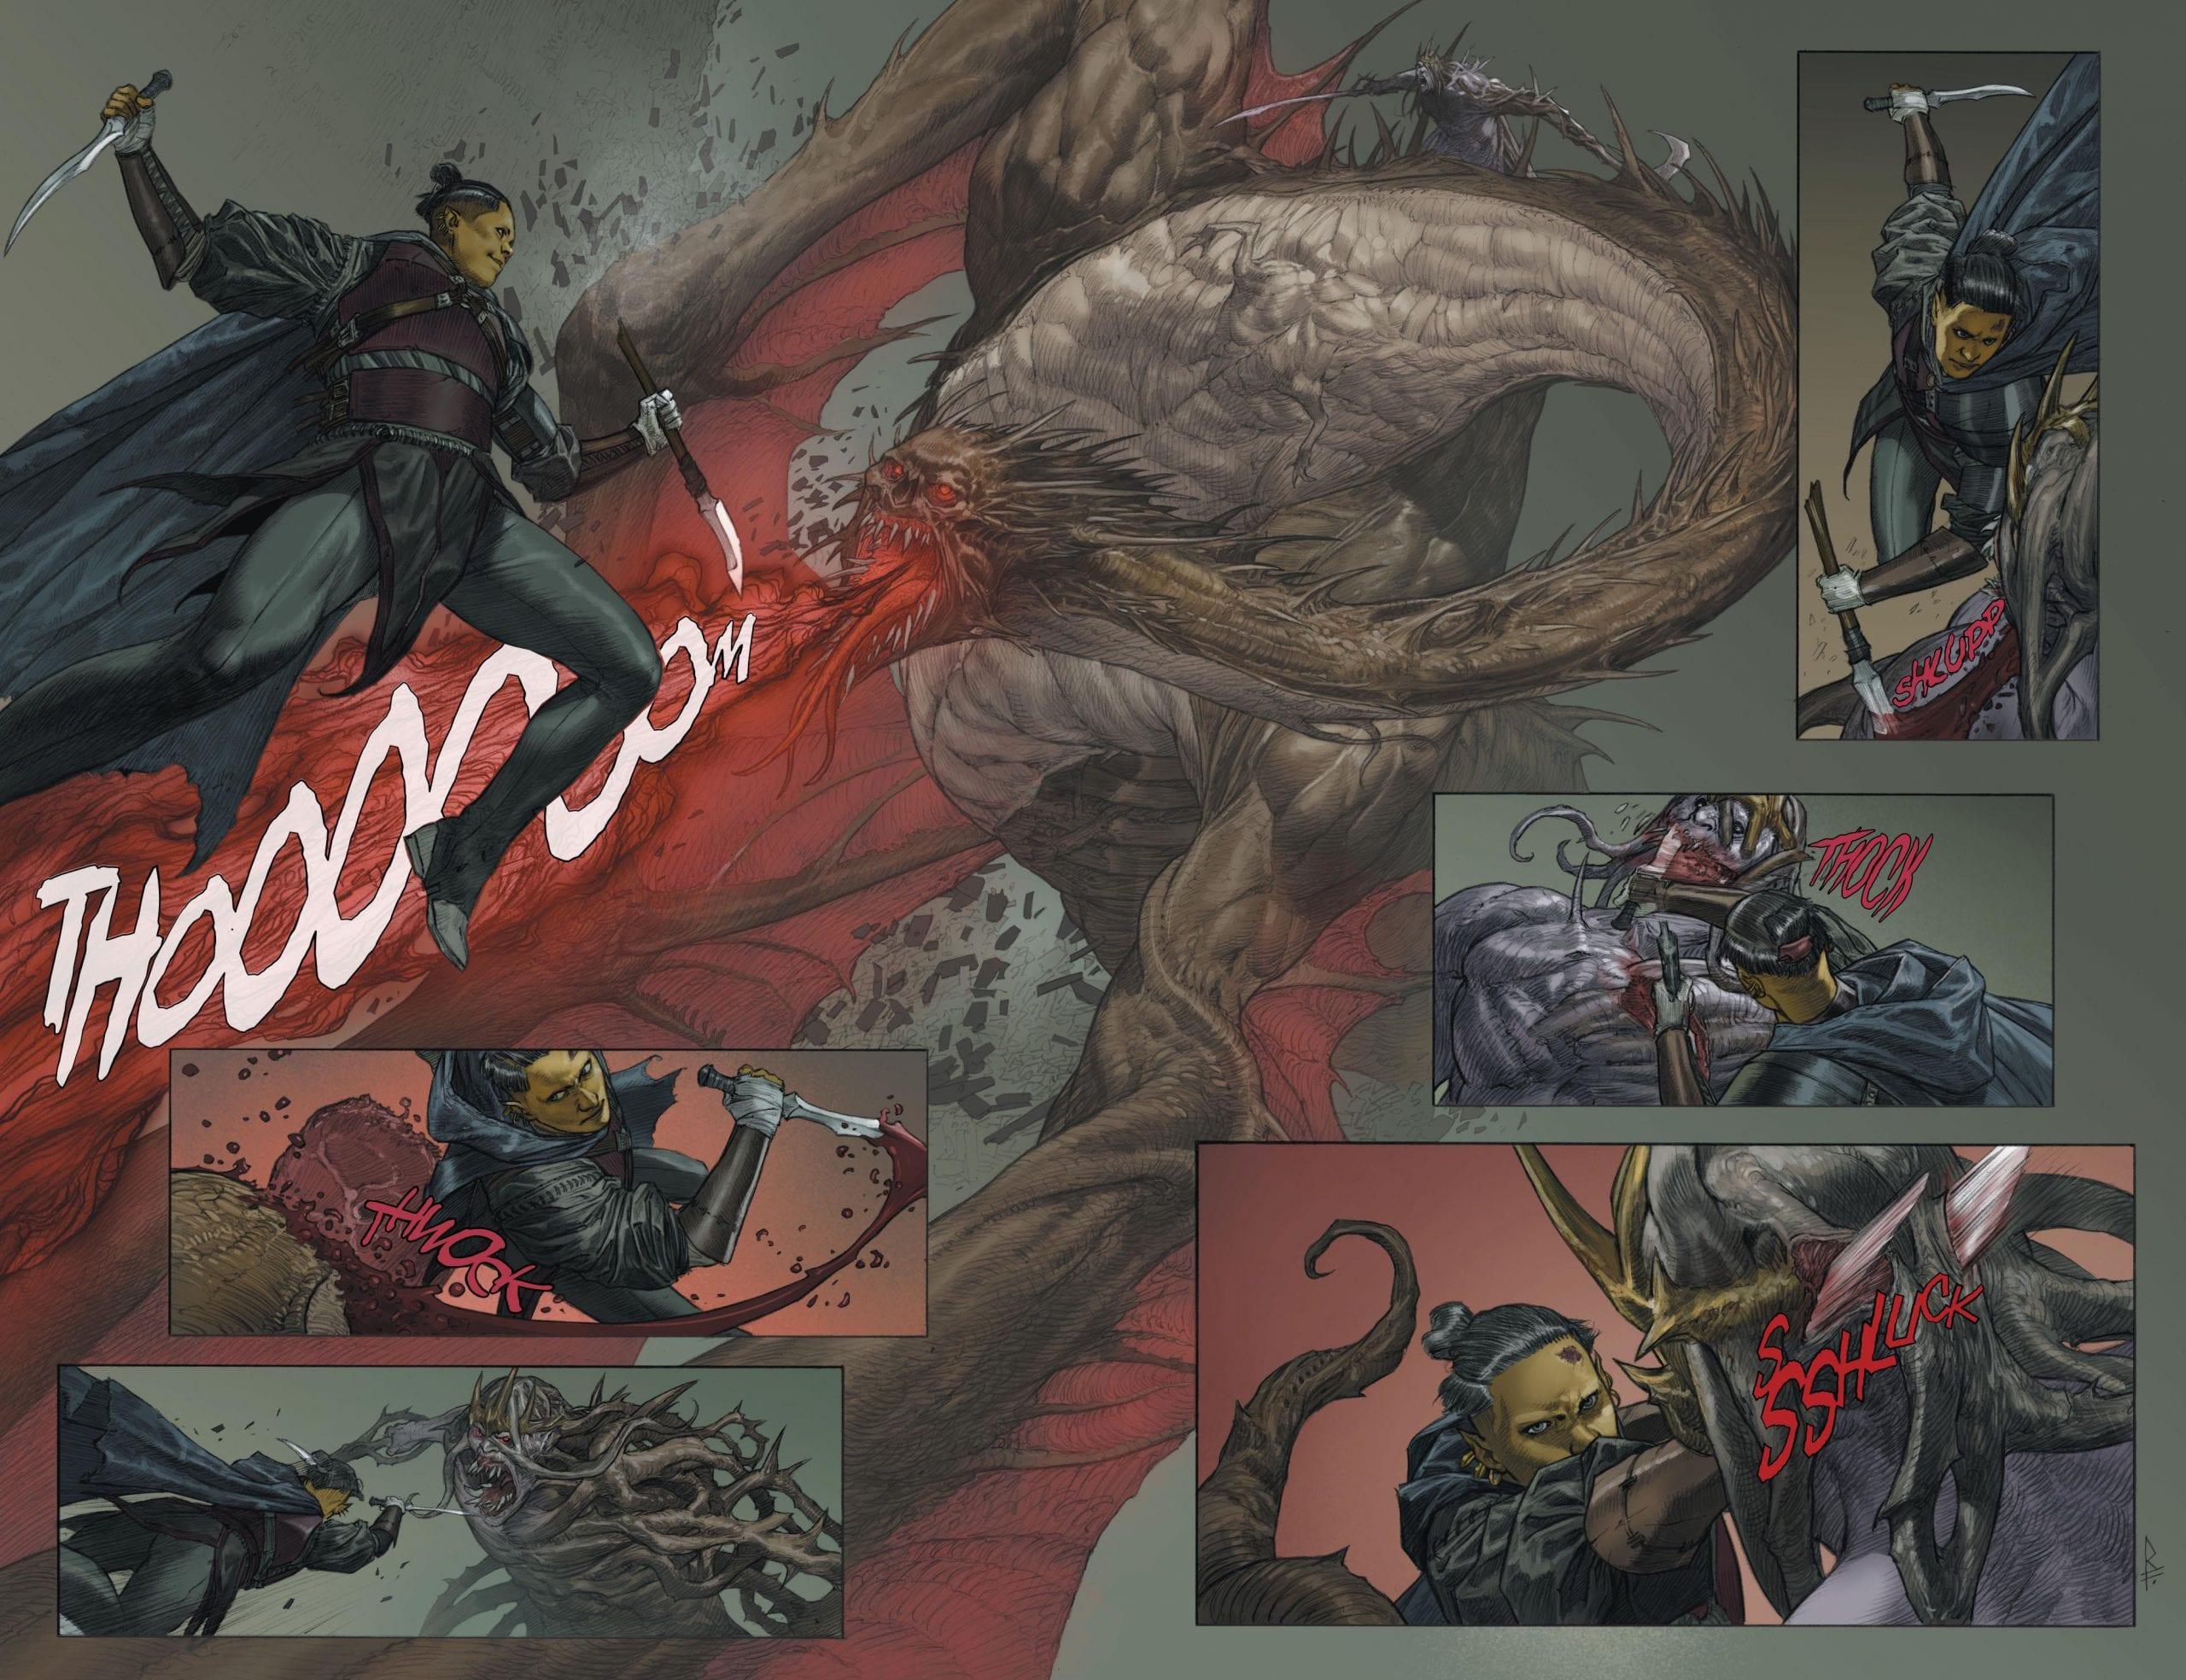 recensione de L'ultimo Dio - fight